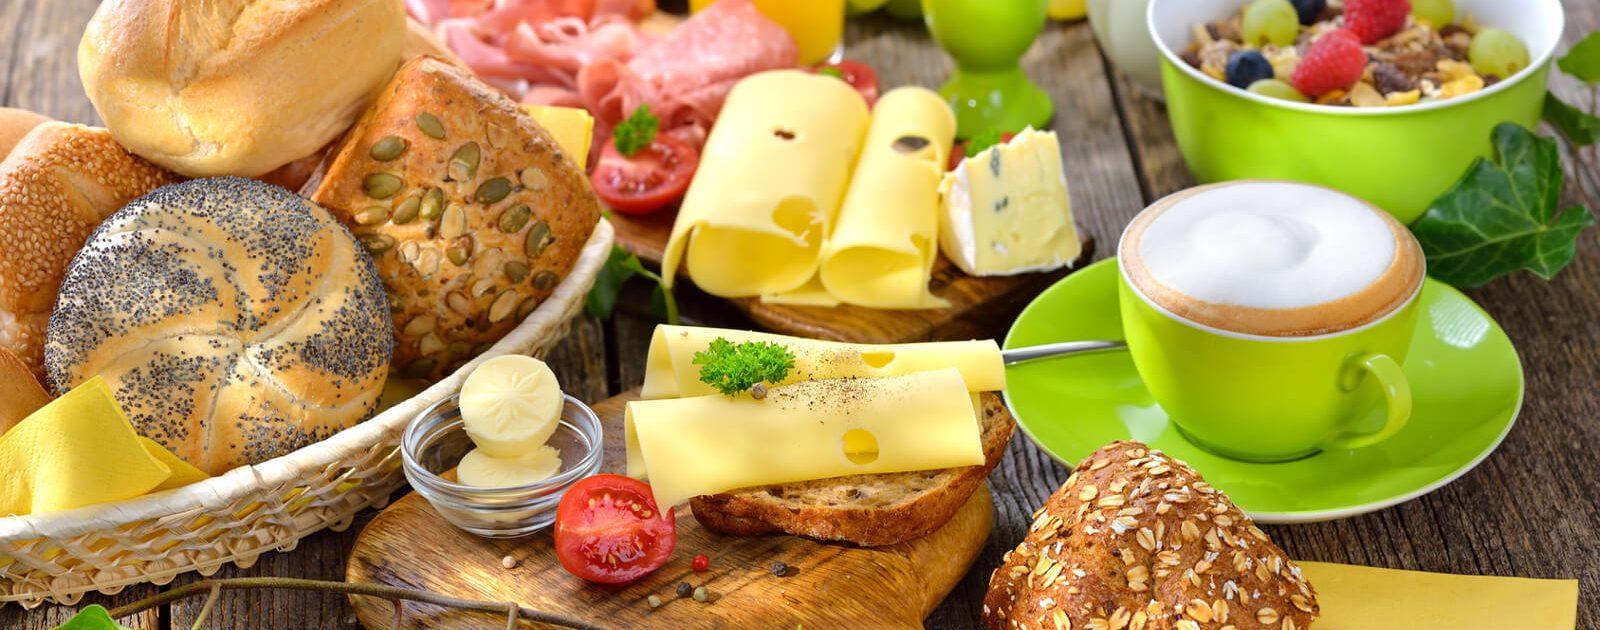 Verschiedene Nahrungsmittel auf einem Tisch – für einige Menschen sind sie aufgrund einer Lebensmittelunverträglichkeit schwer verdaulich.